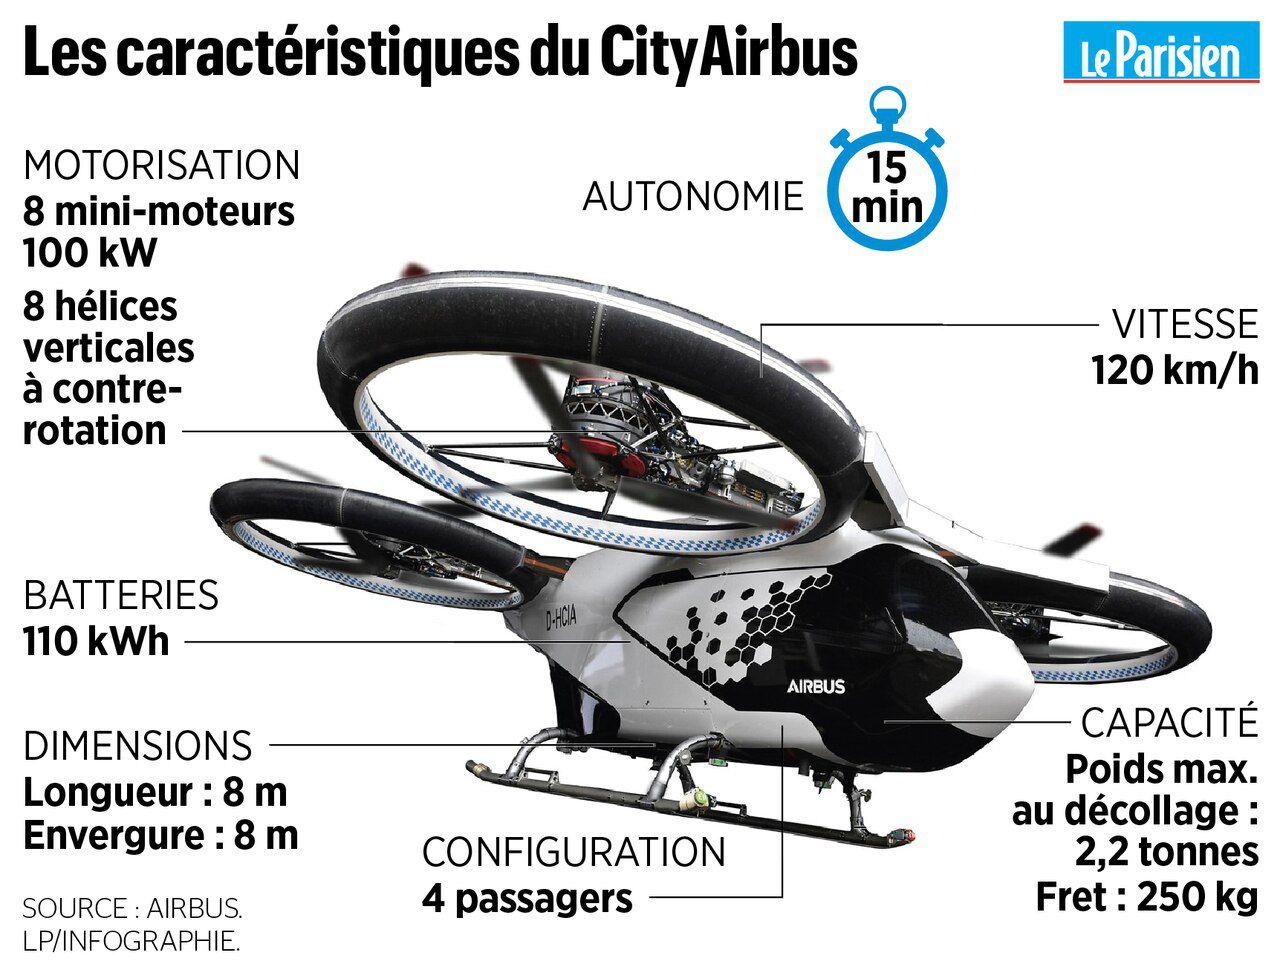 Аэротакси CityAirbus совершило свой первый свободный полёт